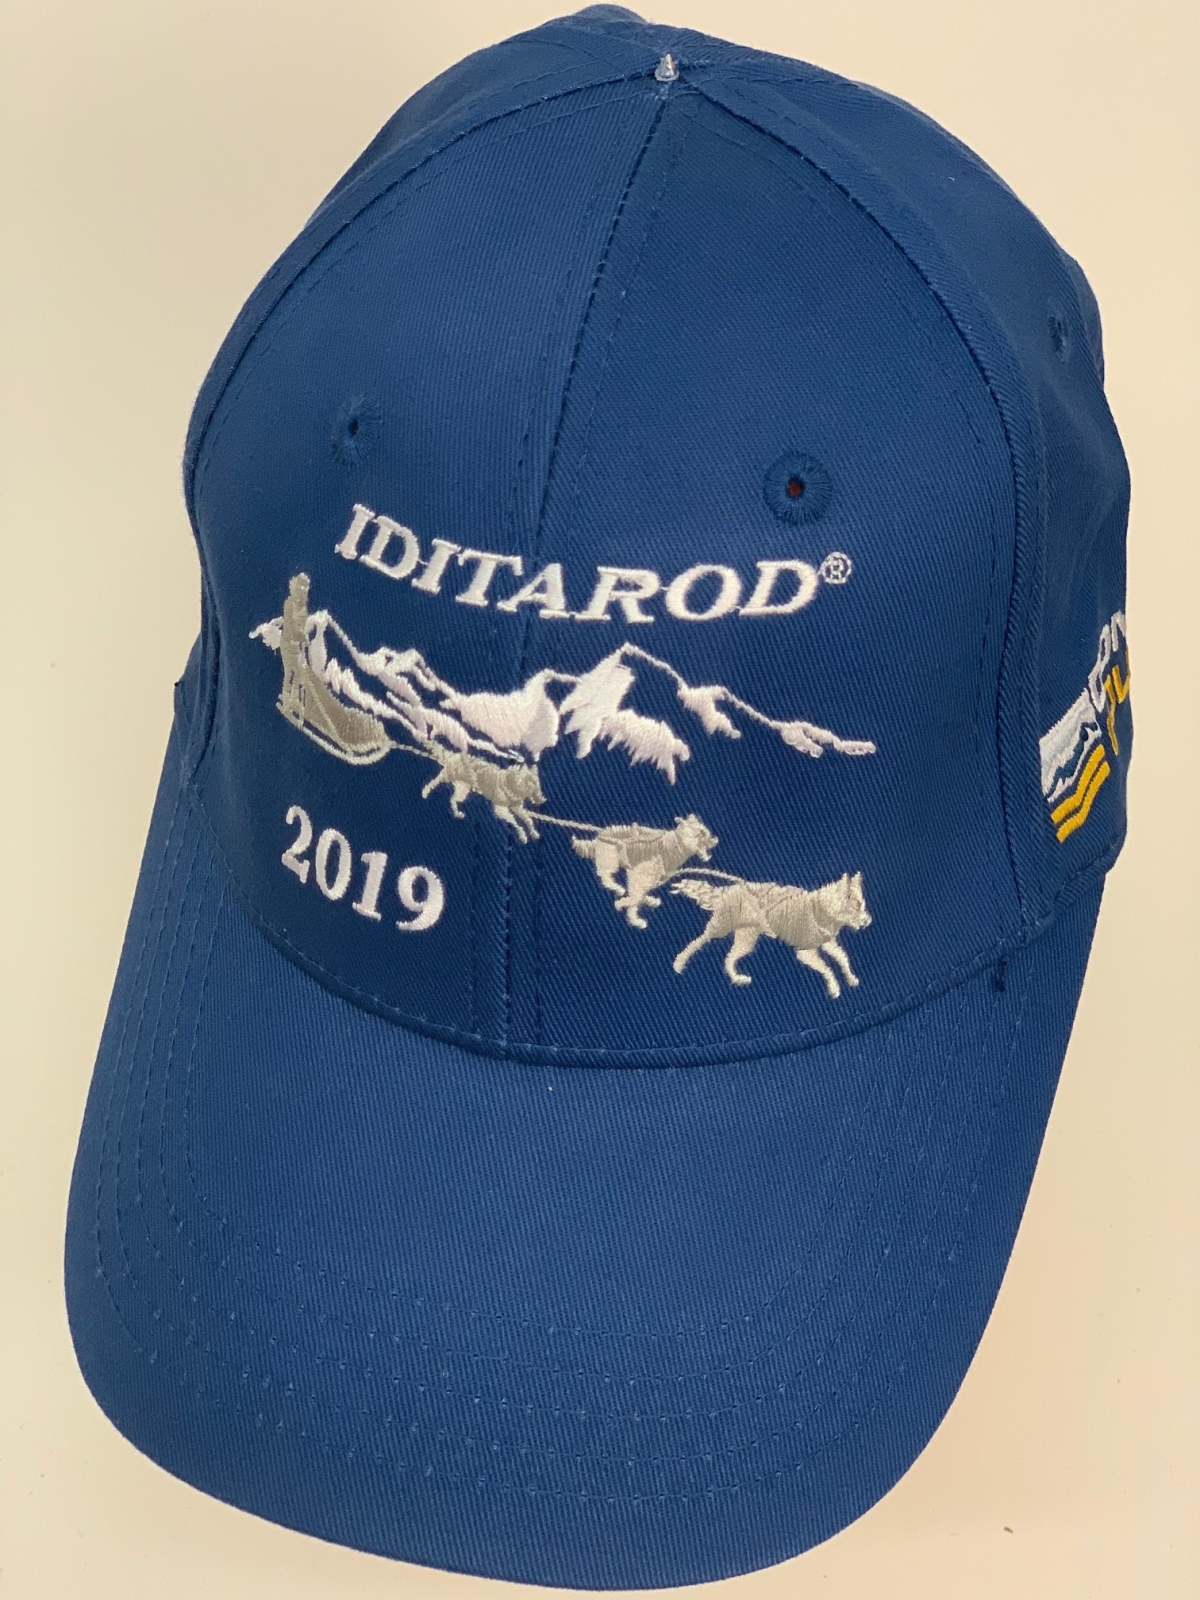 Синяя бейсболка Iditarod с классной вышивкой